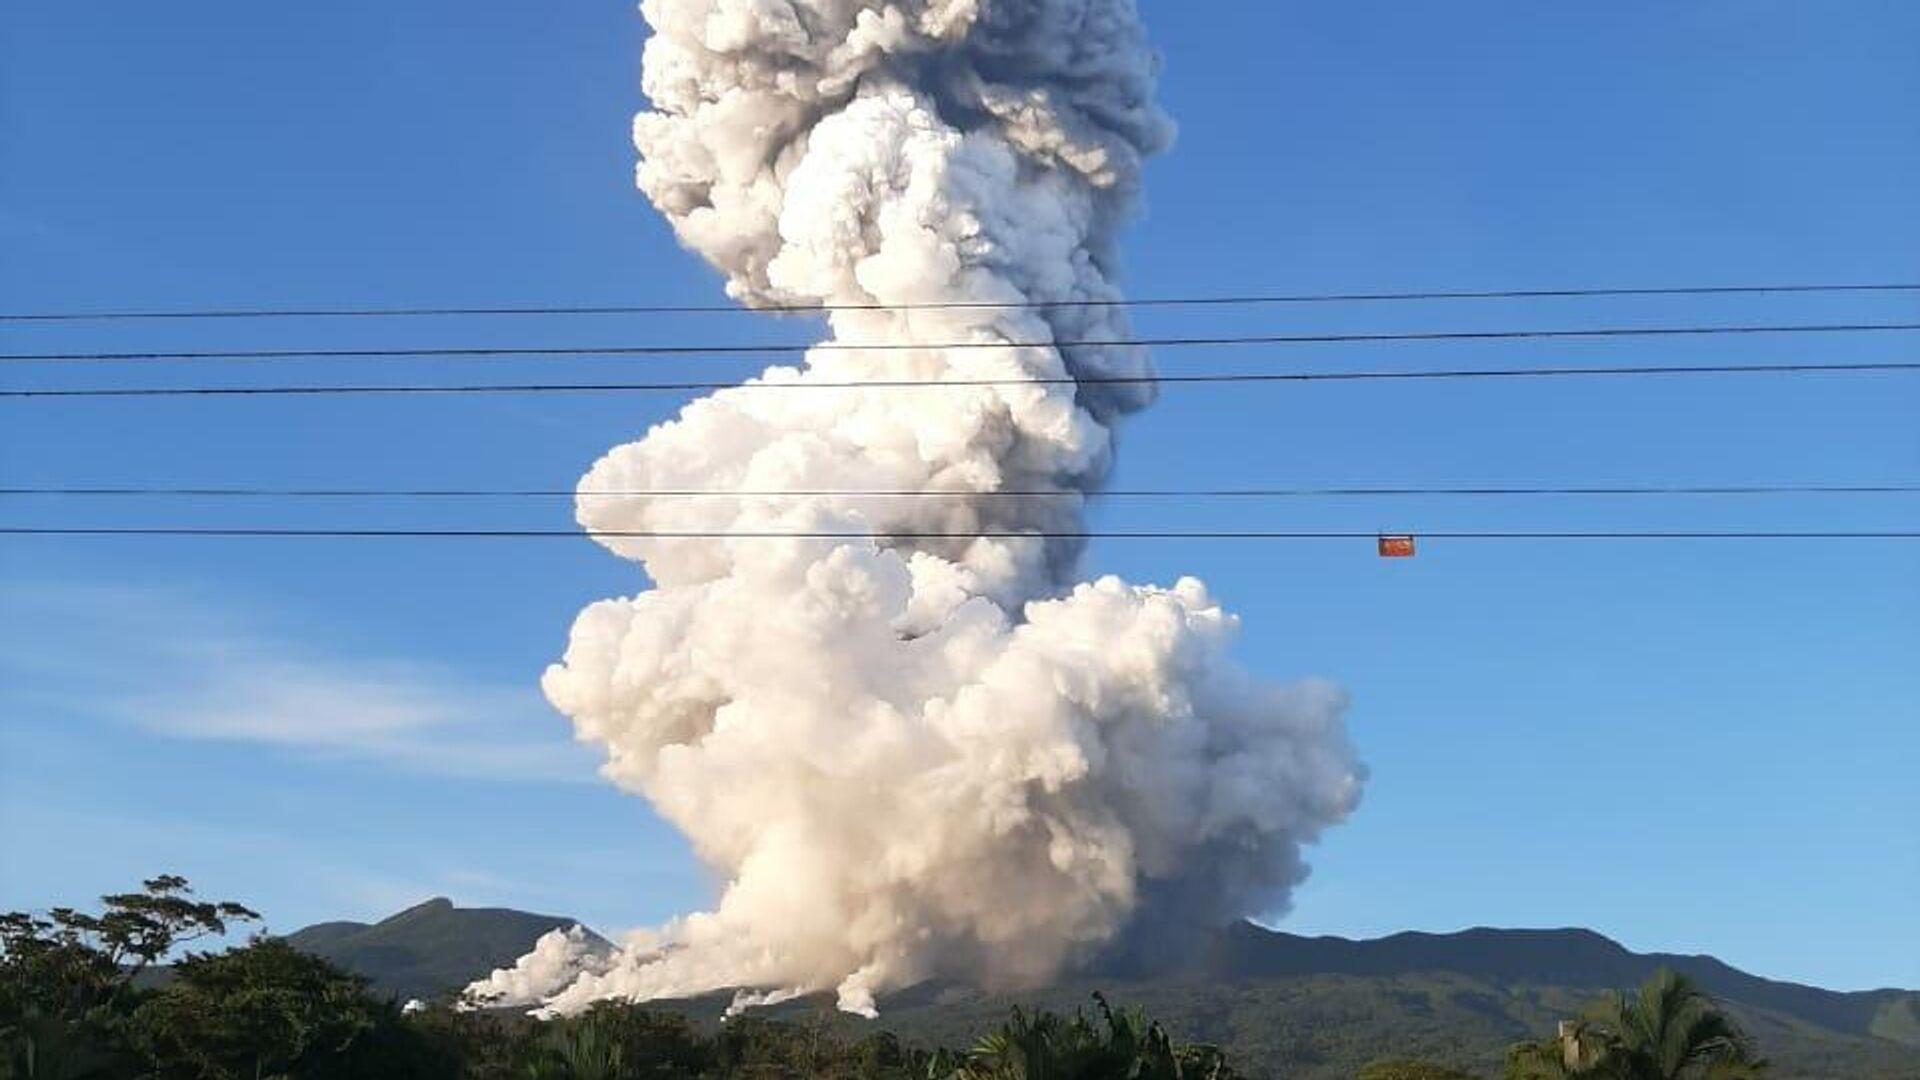 Erupción del volcán Rincón de la Vieja en Costa Rica - Sputnik Mundo, 1920, 29.06.2021